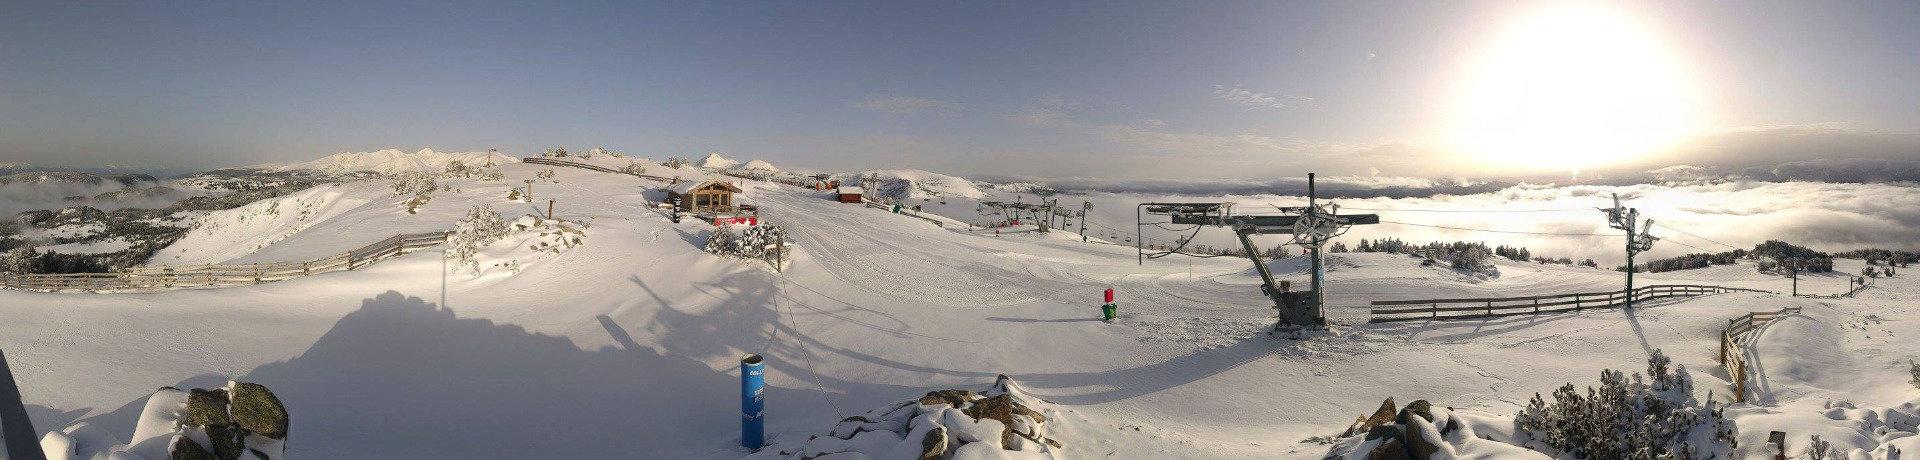 Sur le domaine skiable des Angles - © Office de Tourisme des Angles